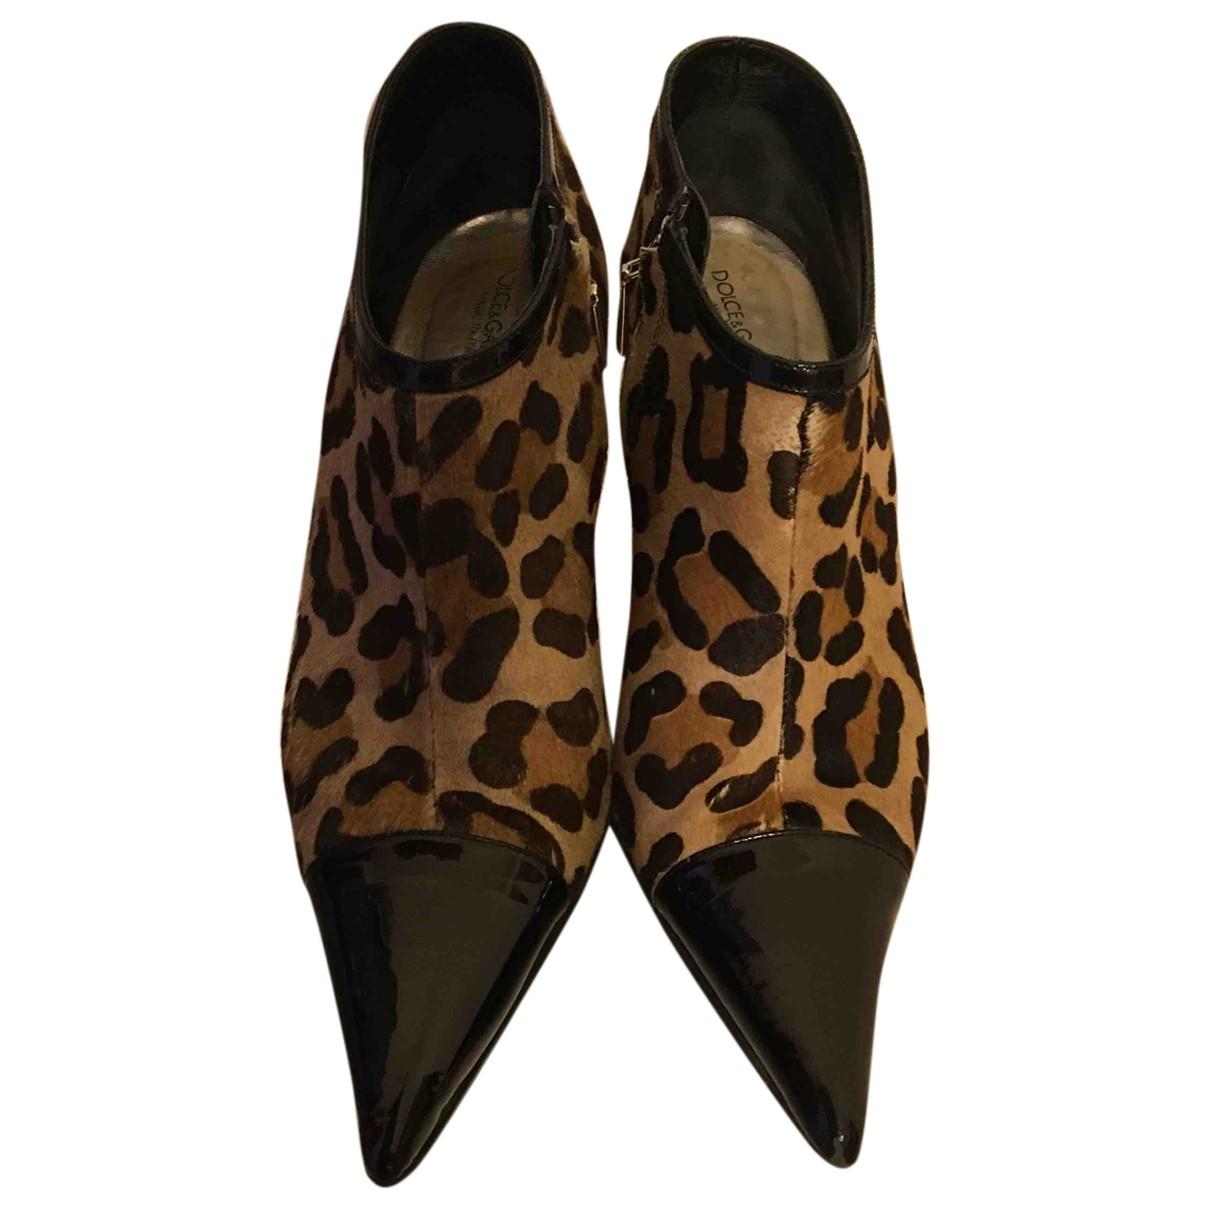 Dolce & Gabbana - Escarpins   pour femme en fourrure